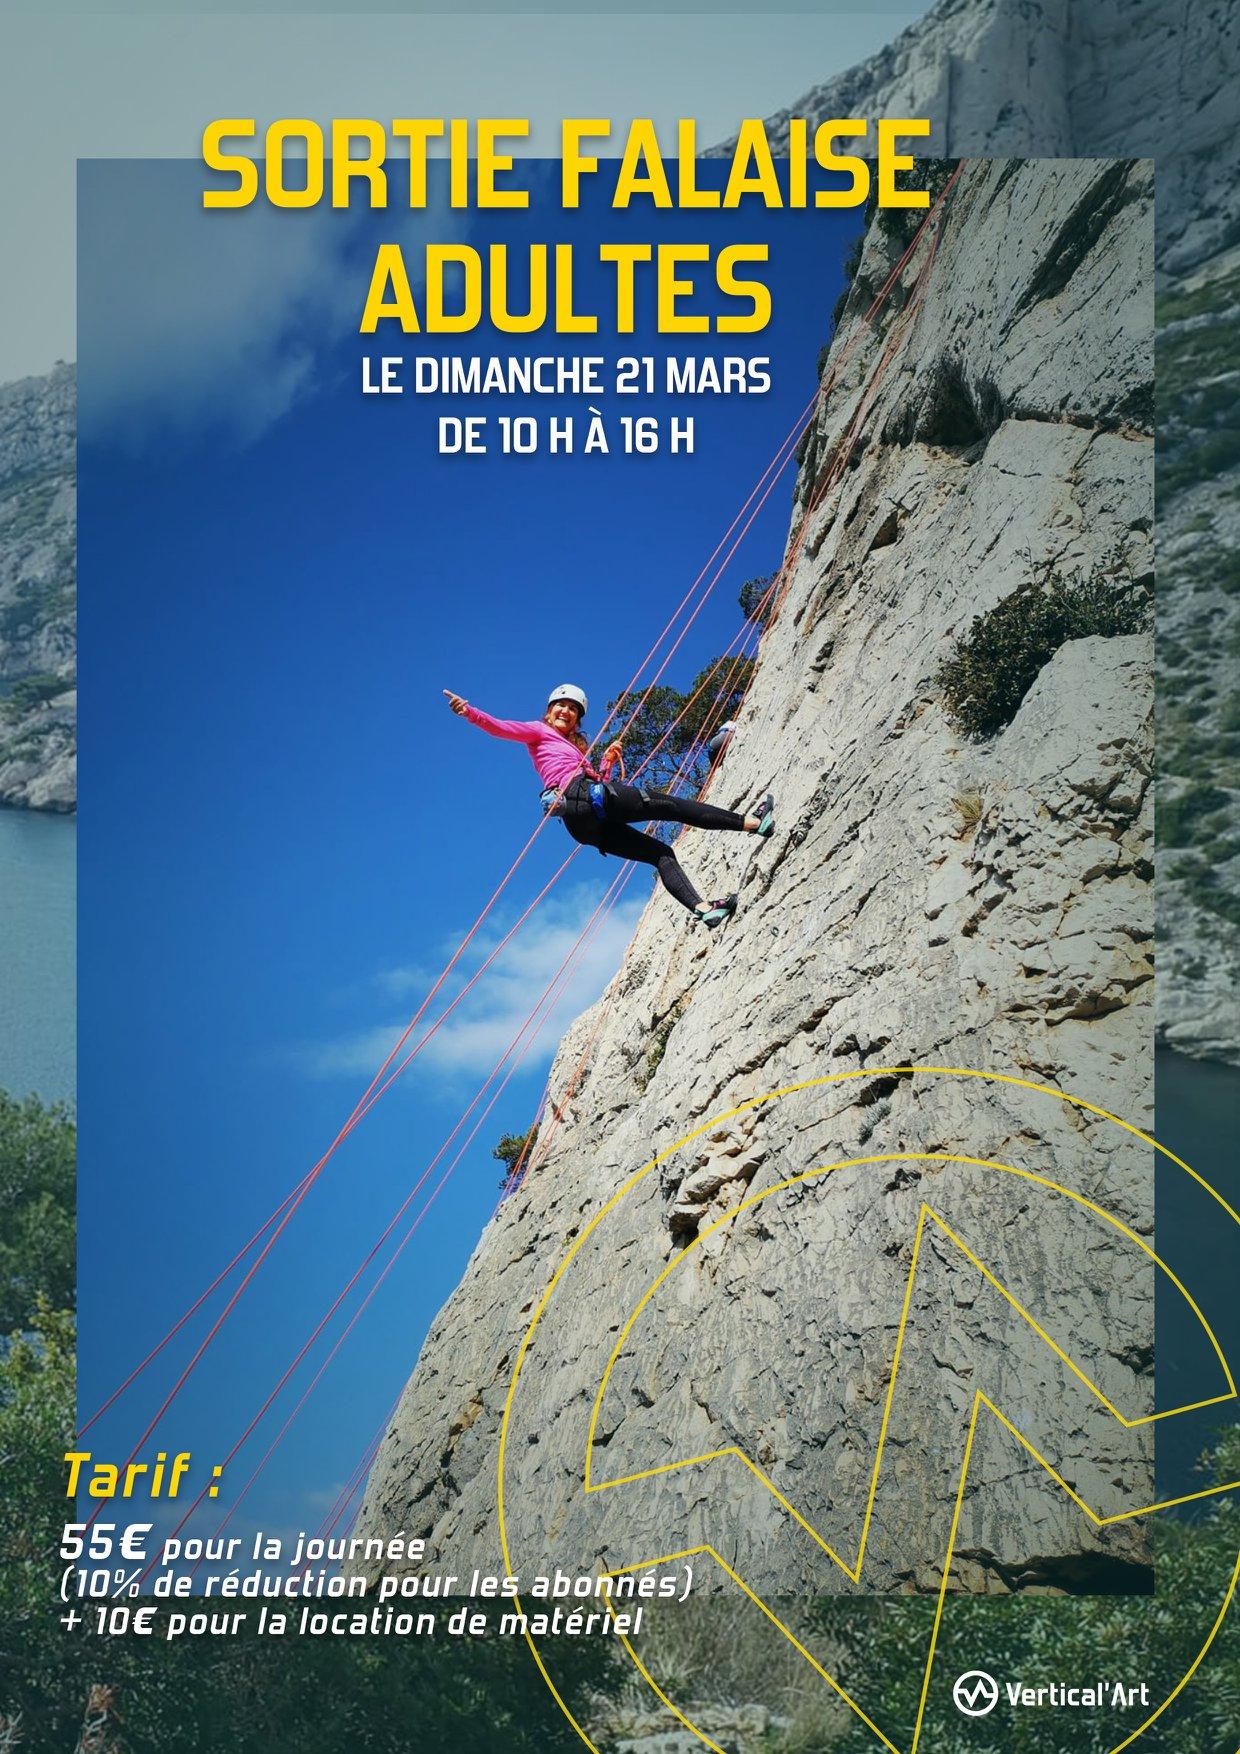 Réservez votre journée du dimanche 21 mars pour une sortie adultes en falaise de 10h à 16h